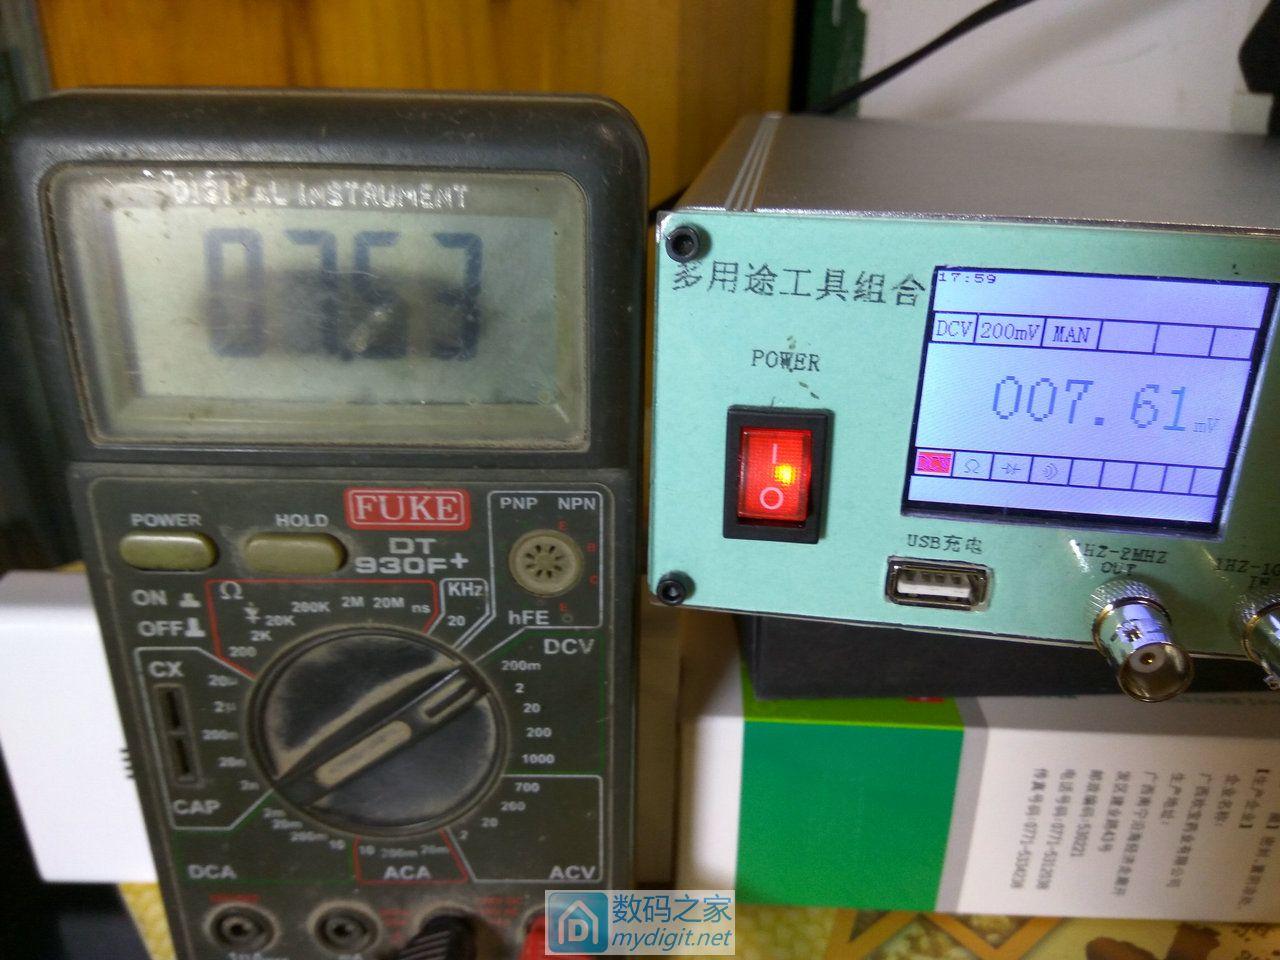 Re:另一个多用途工具组合的DIY,有万年历、烙铁、电源、假负载万用表等,资料全部 ..